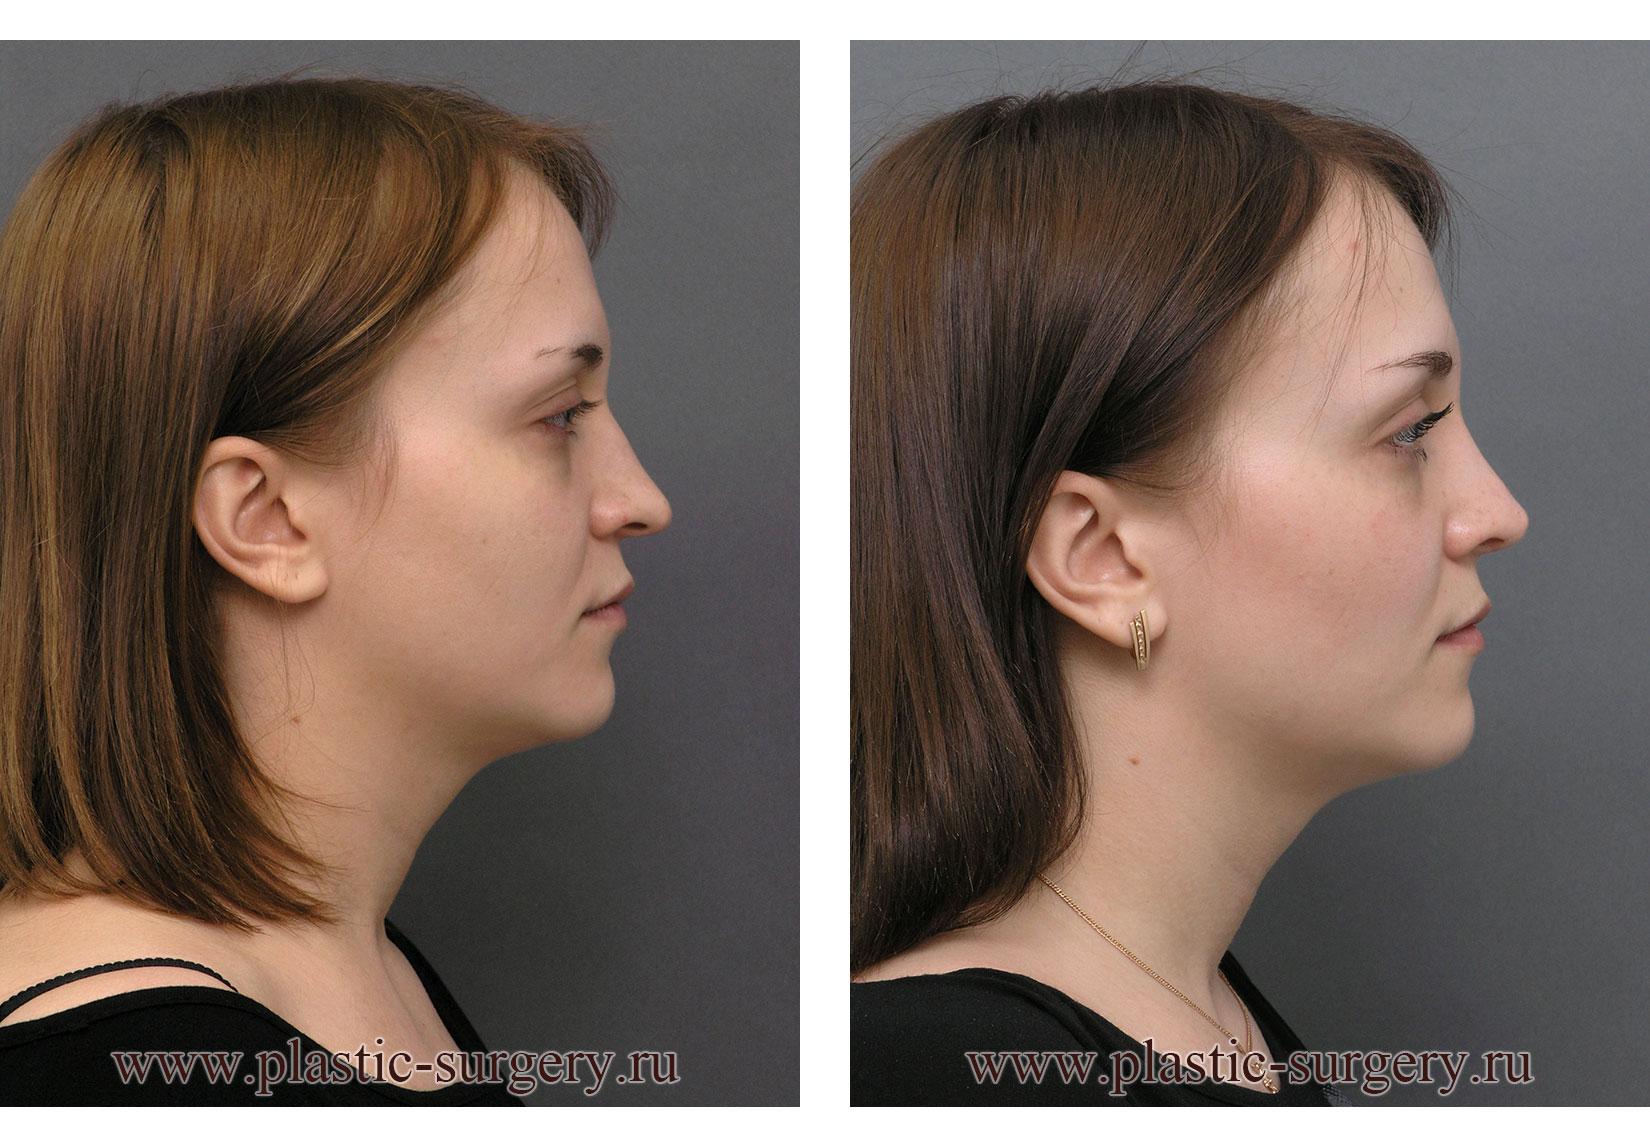 Ринопластика носа в оренбурге отзывы